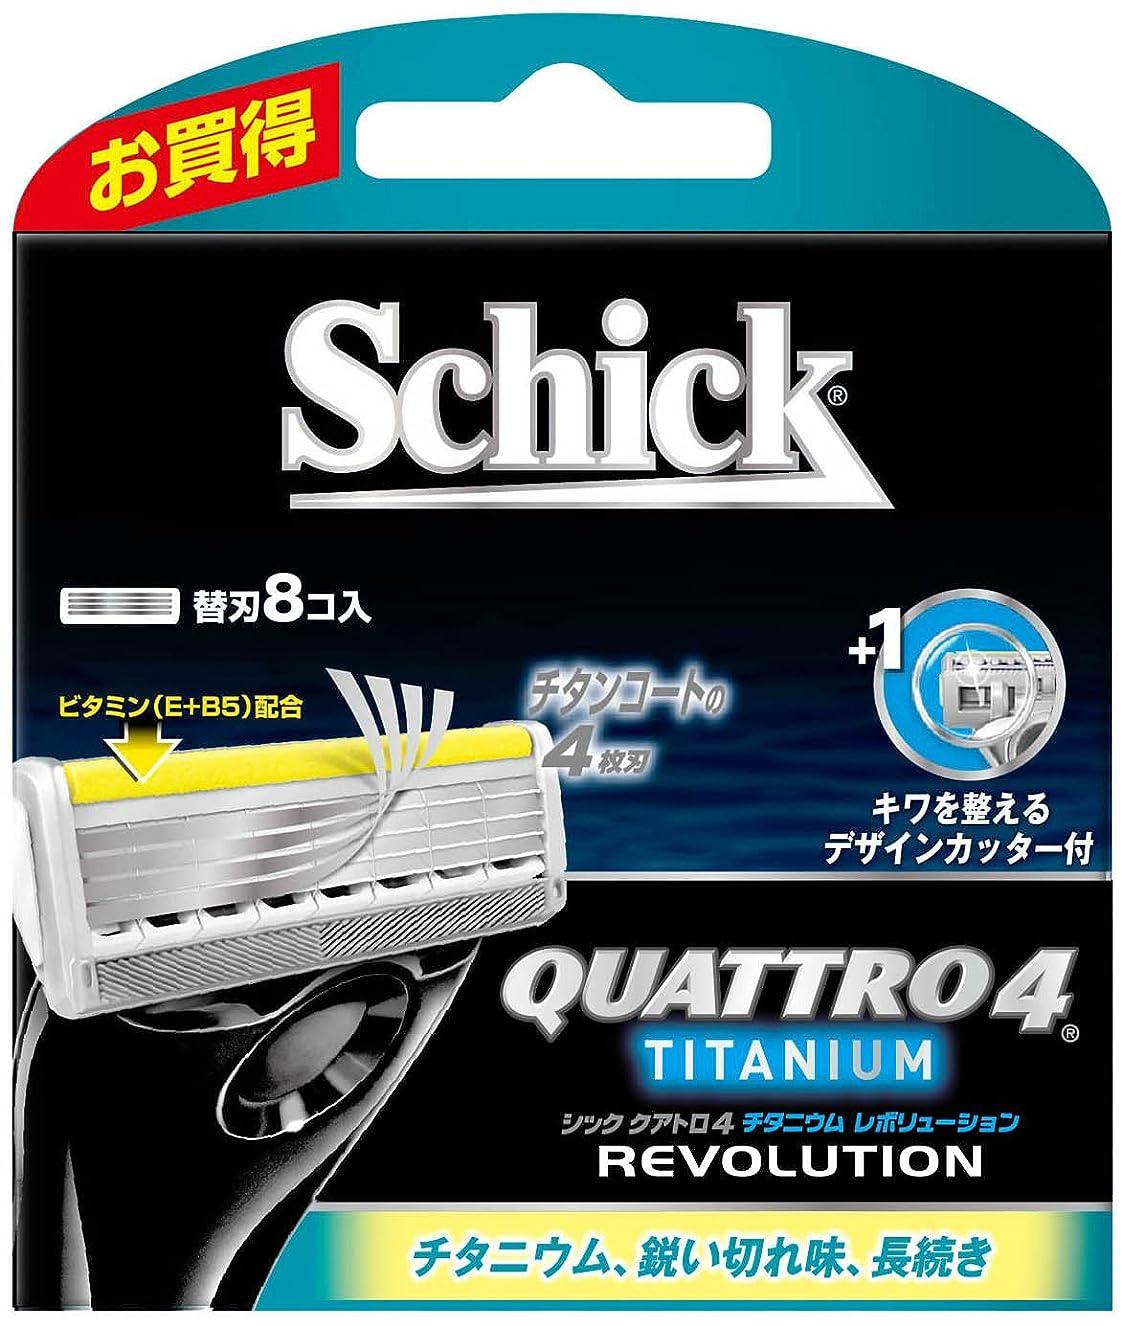 ごちそうマルクス主義令状シック Schick クアトロ4 4枚刃 チタニウムレボリューション 替刃 (8コ入)